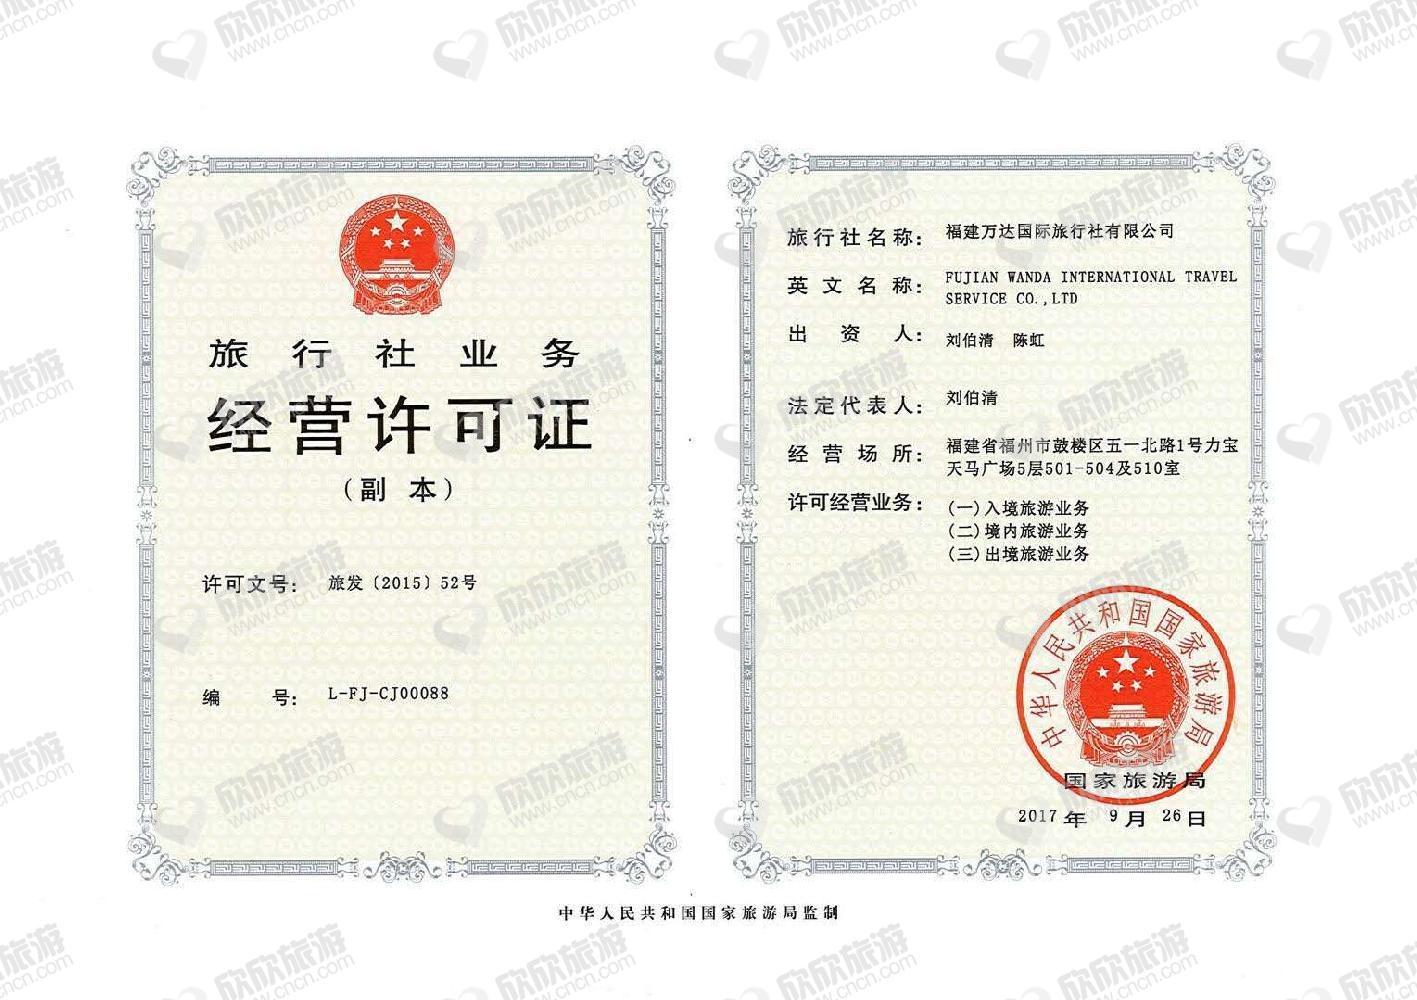 莆田市海神国际旅行社集团有限公司城厢建安路营业部经营许可证